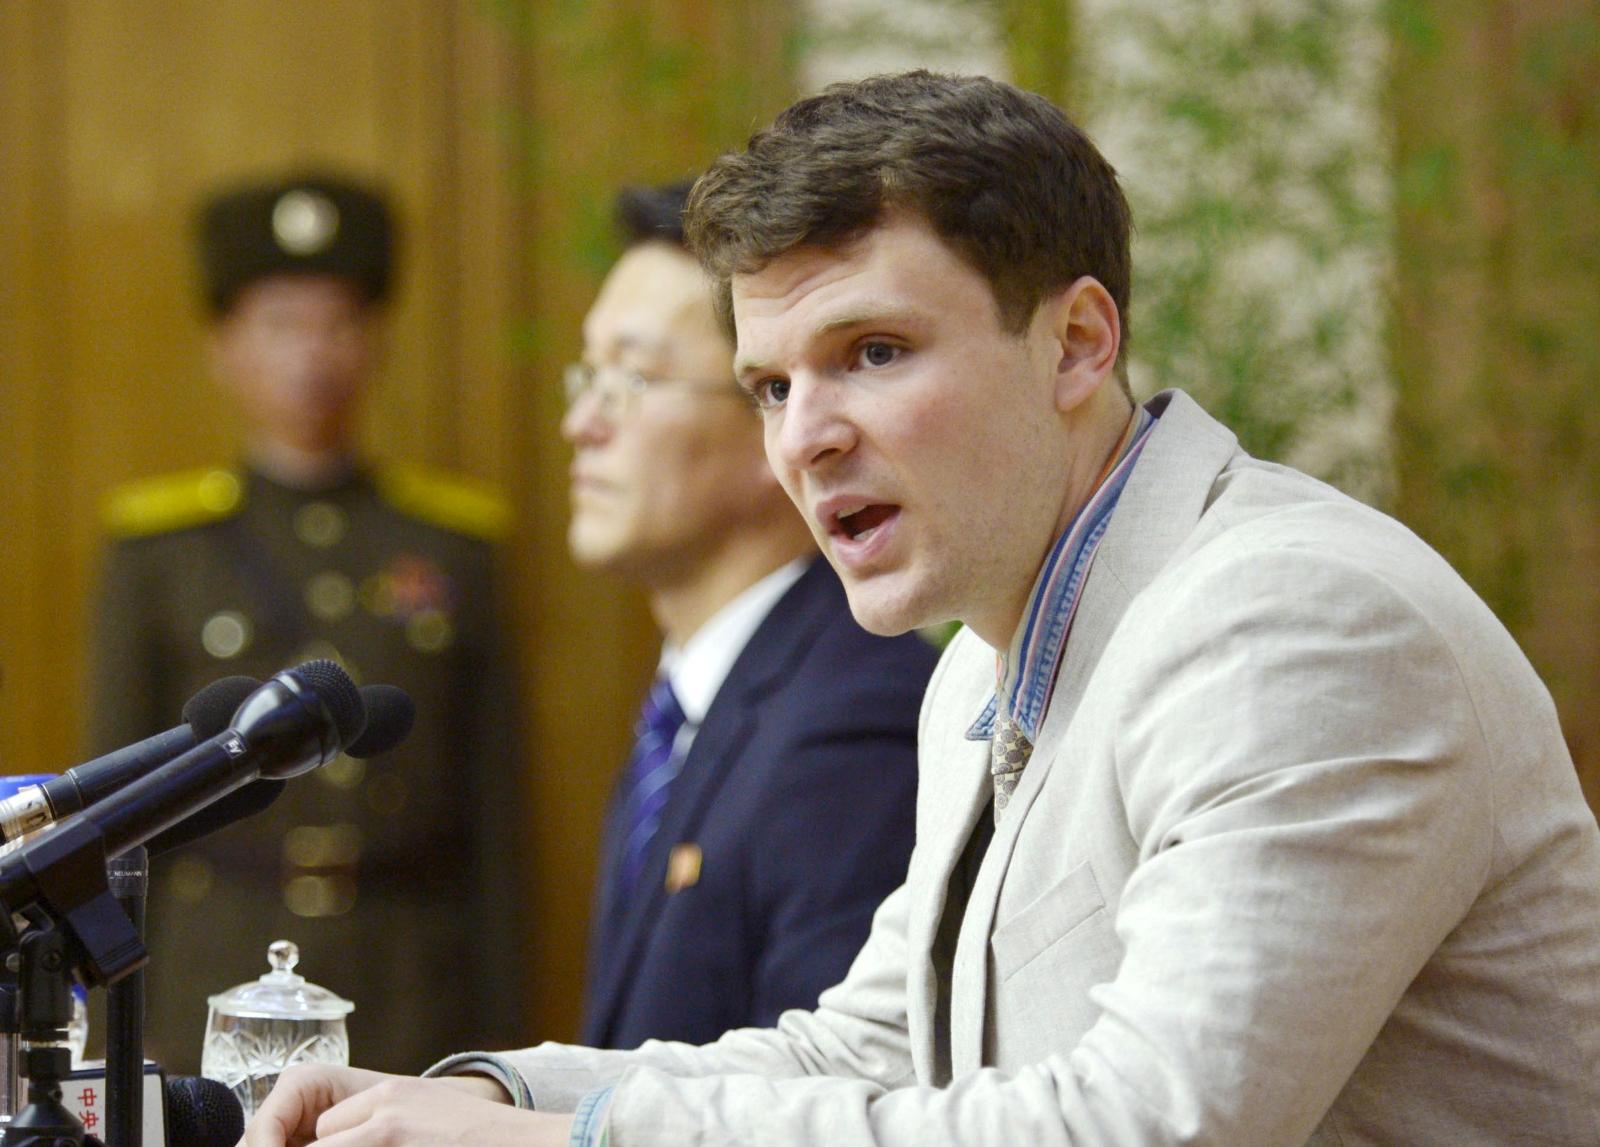 otto-warmbier-dies-trump-denounces-north-korea-as-a-brutal-regime